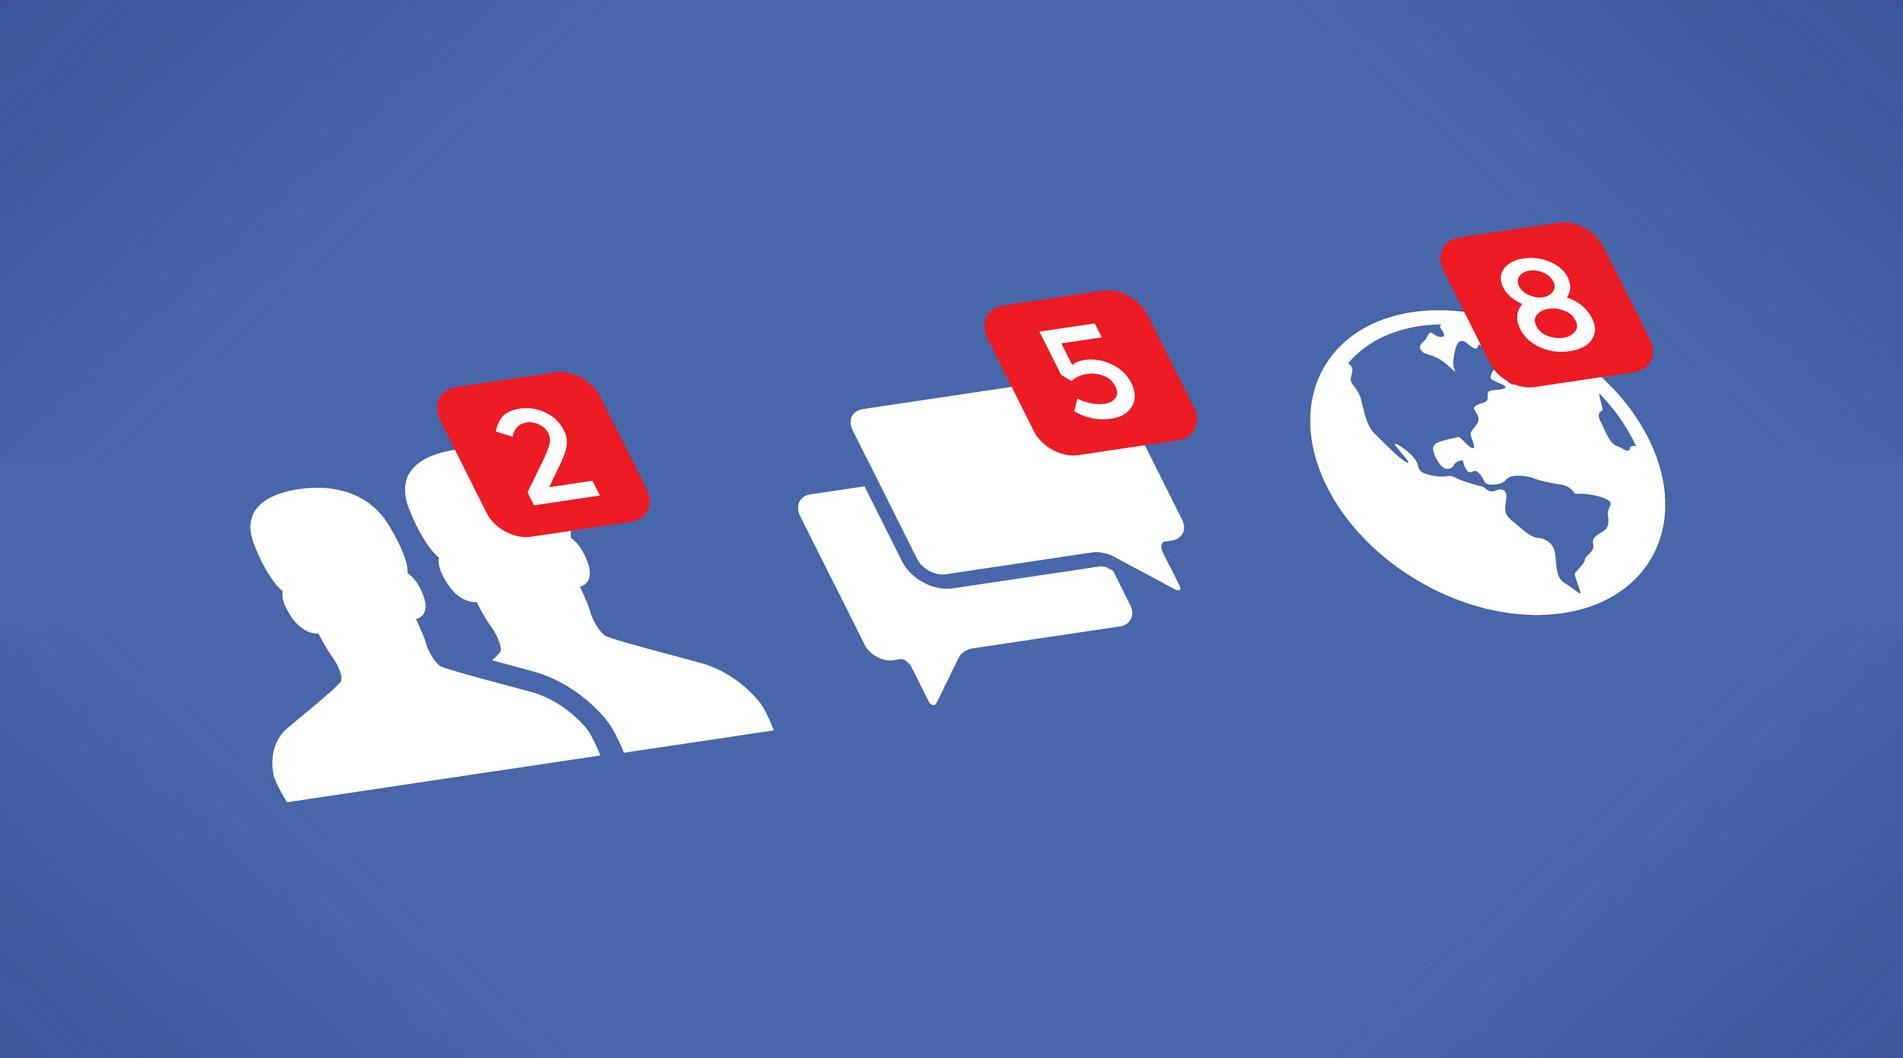 臉書事件背後解讀:大數據有極高的價值!